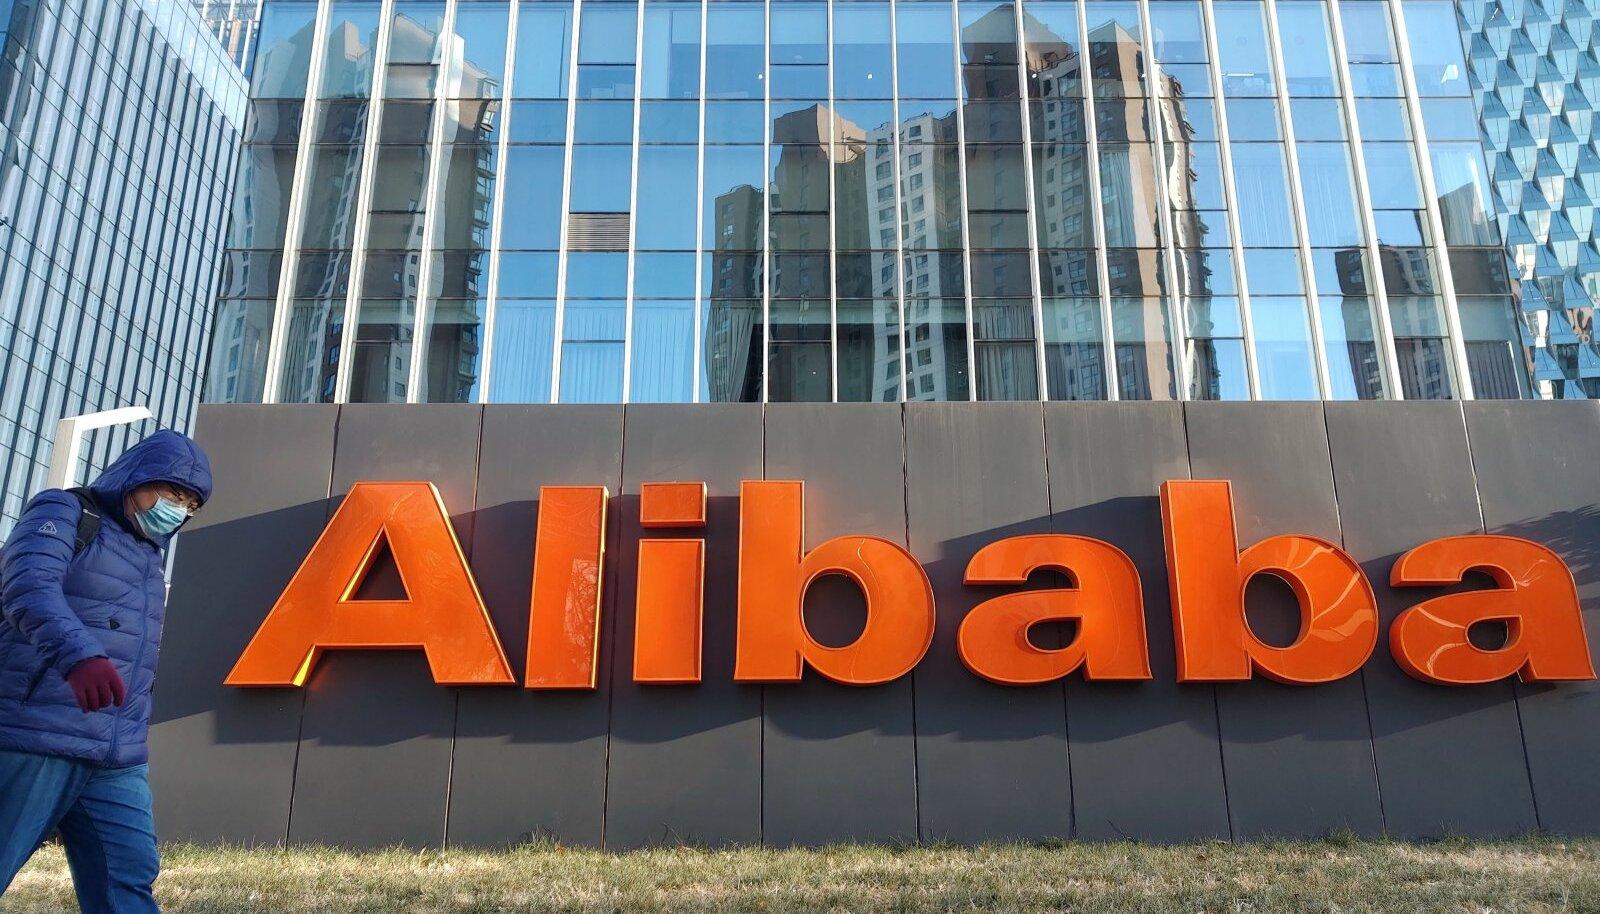 Alibaba sai 24. detsembril Hiina tururegulaatorilt uurimise algatamise teate.